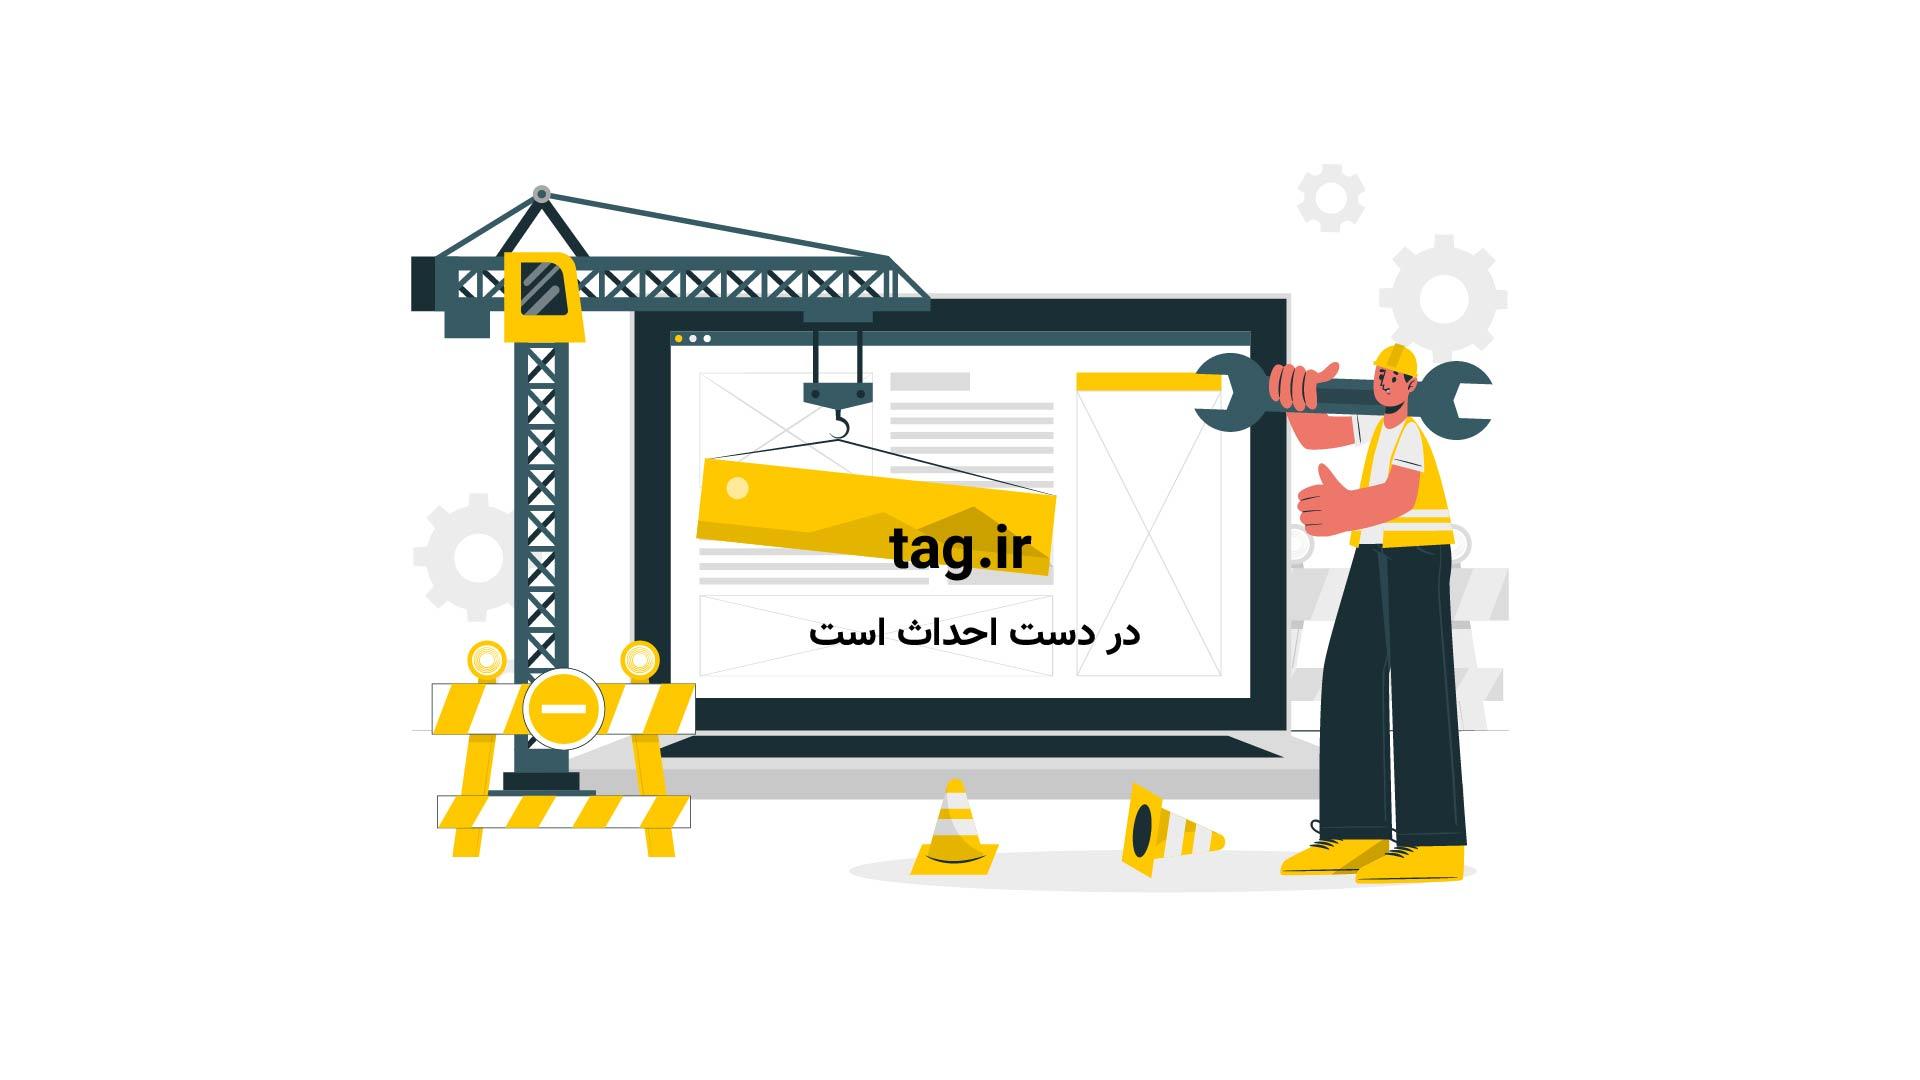 بازی اکشن کهکشان در آتش ۳ مانتیکور | فیلم